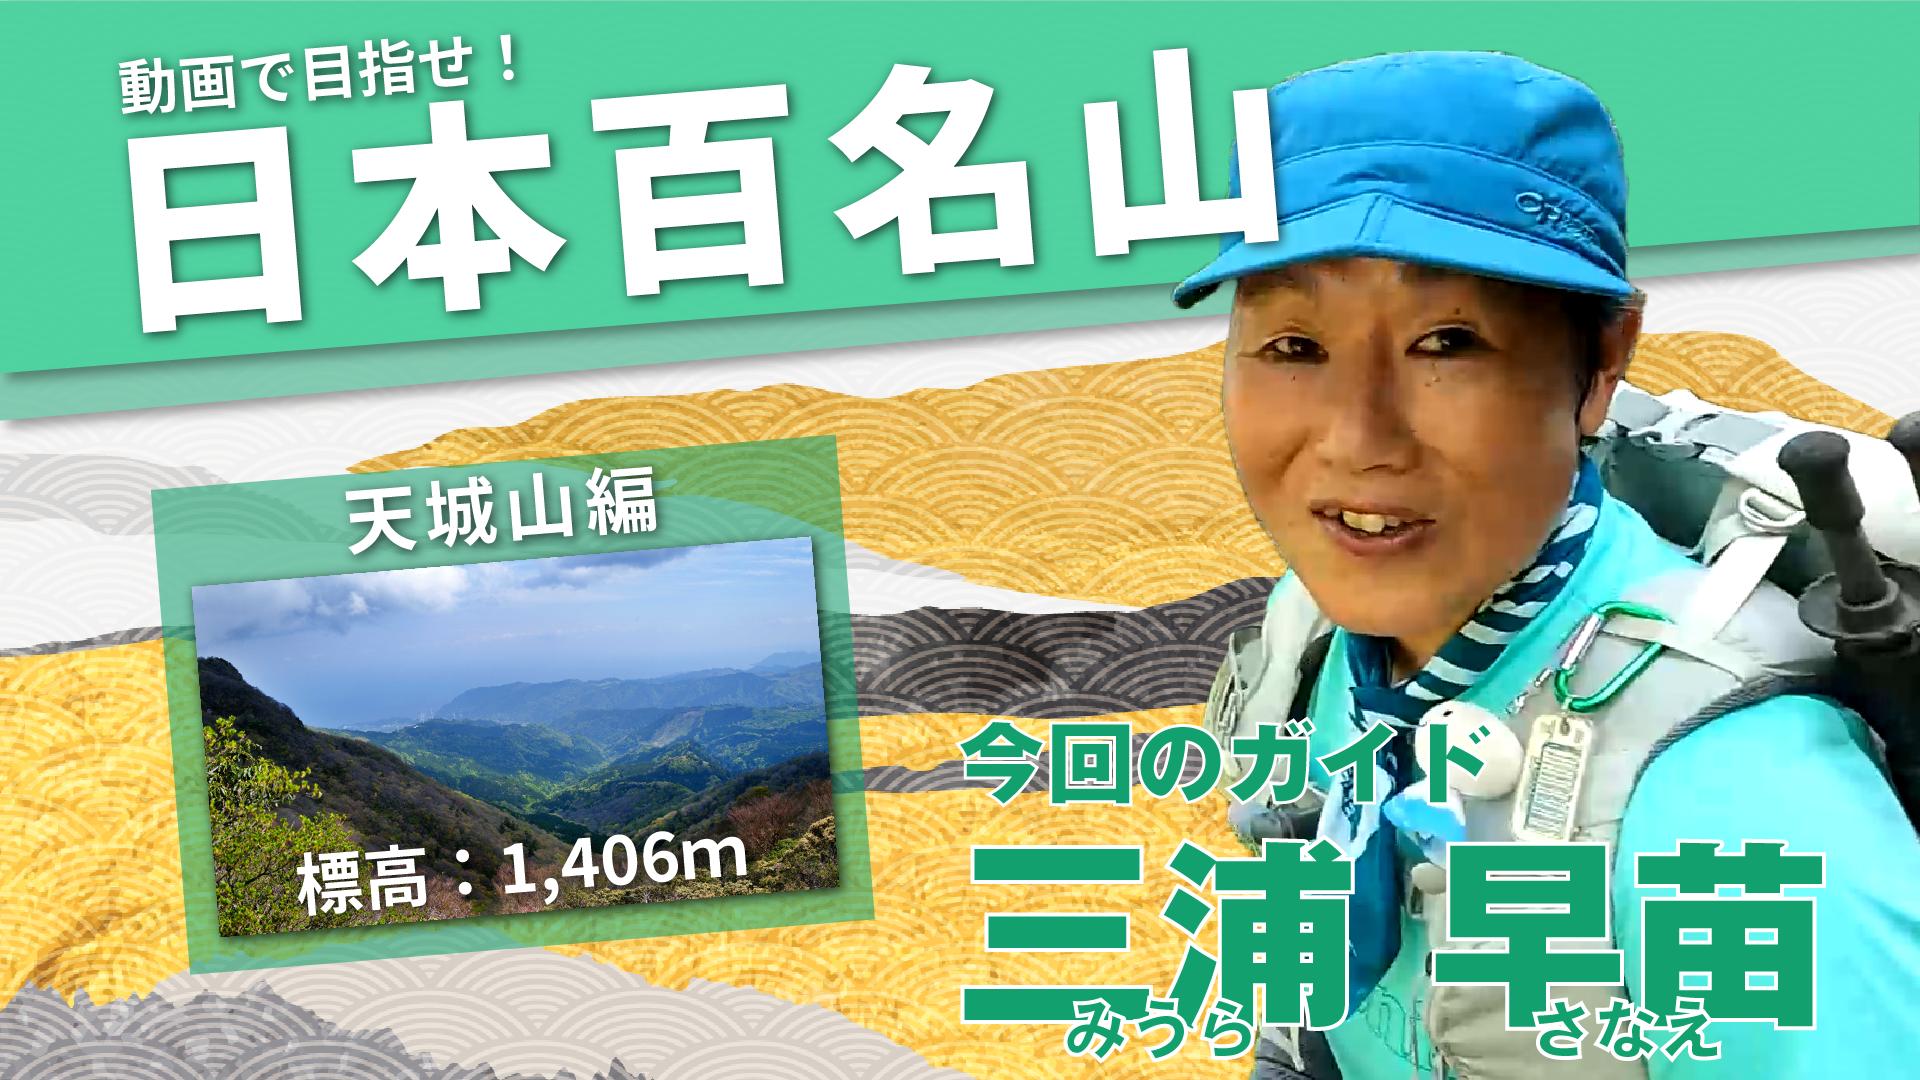 【登山】動画でめざせ!日本百名山 ー天城山(静岡県)